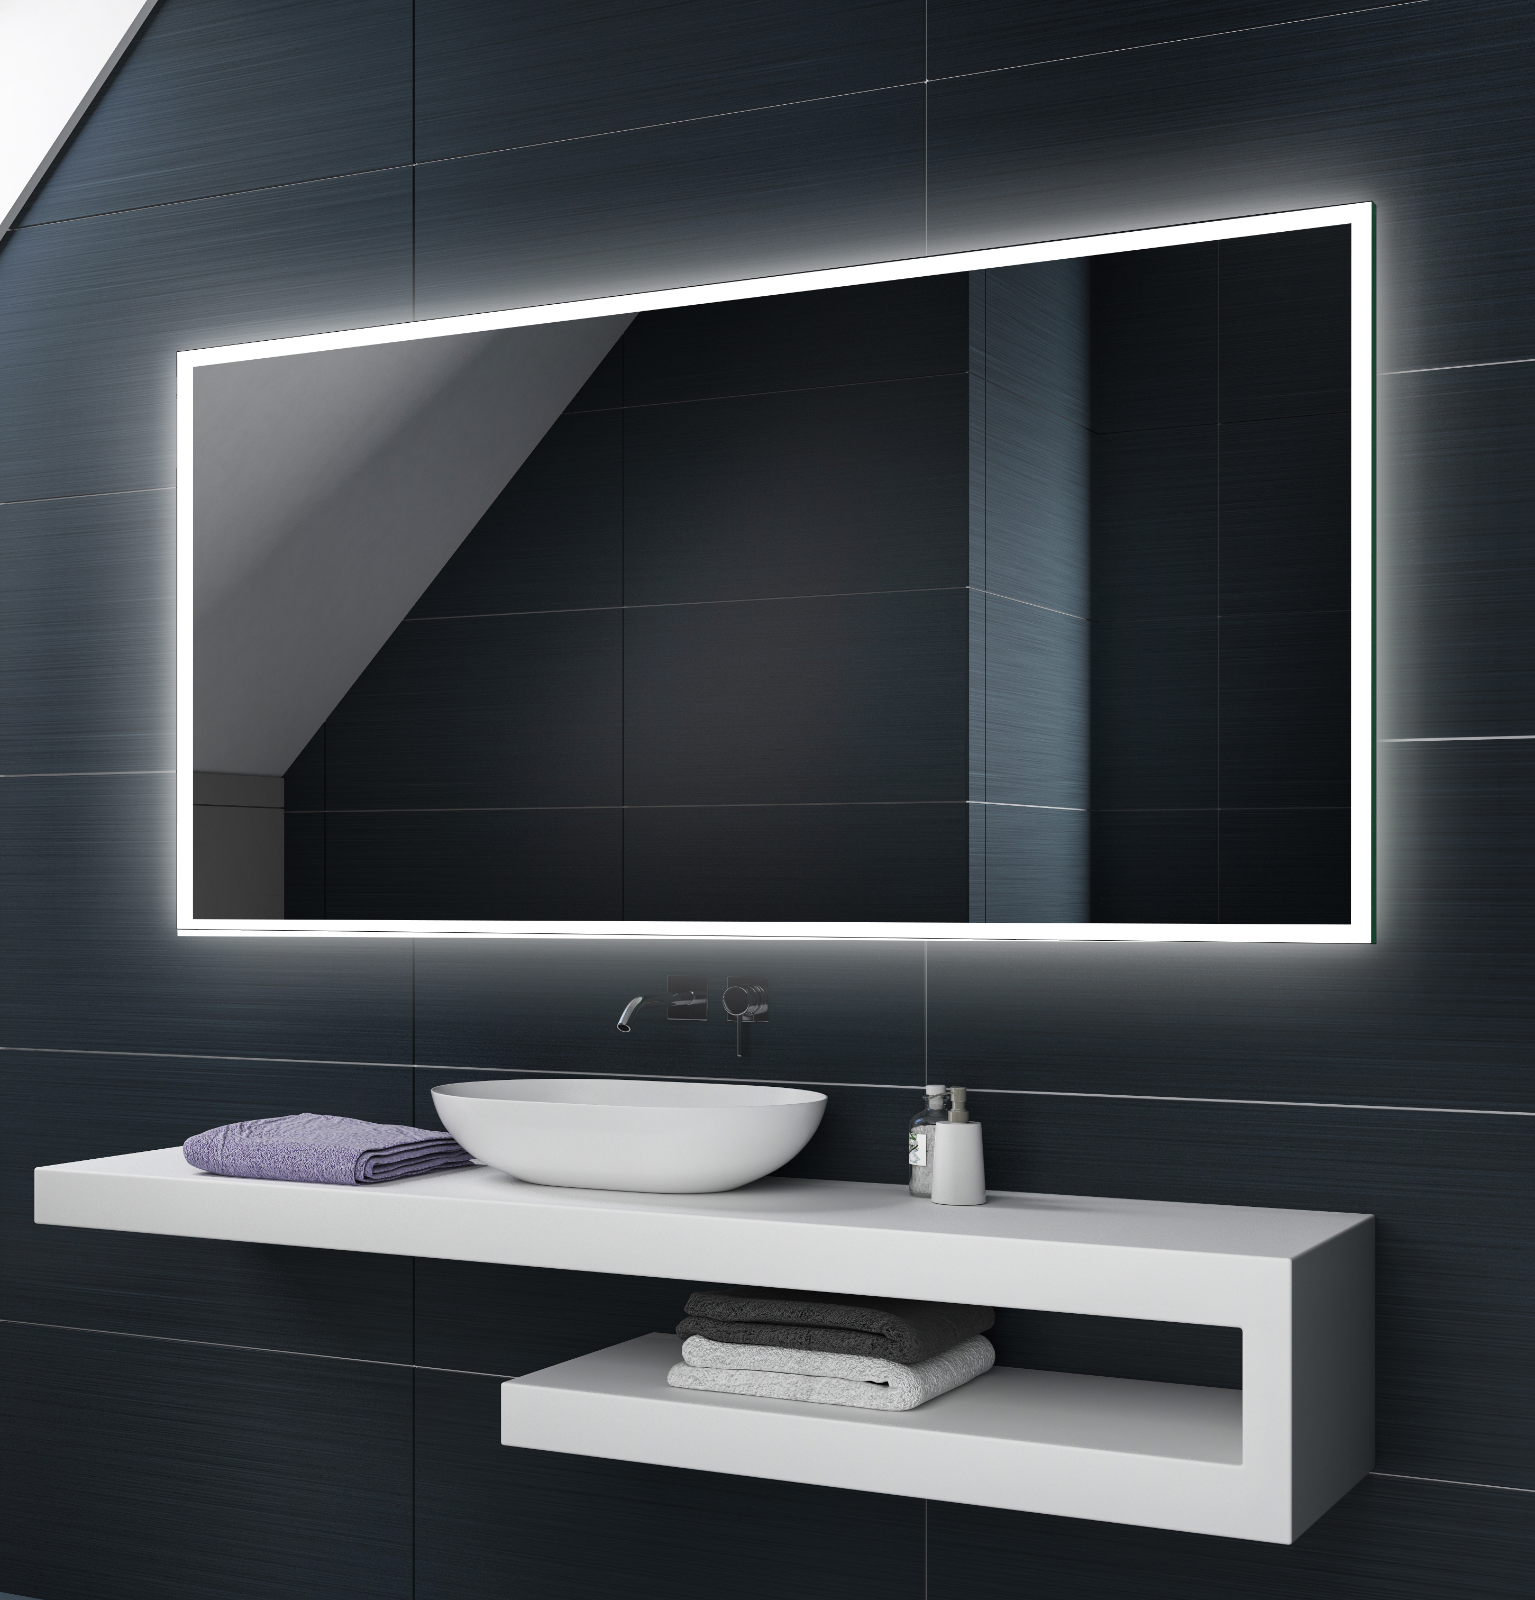 Illumination LED miroir sur mesure eclairage salle de bain L49